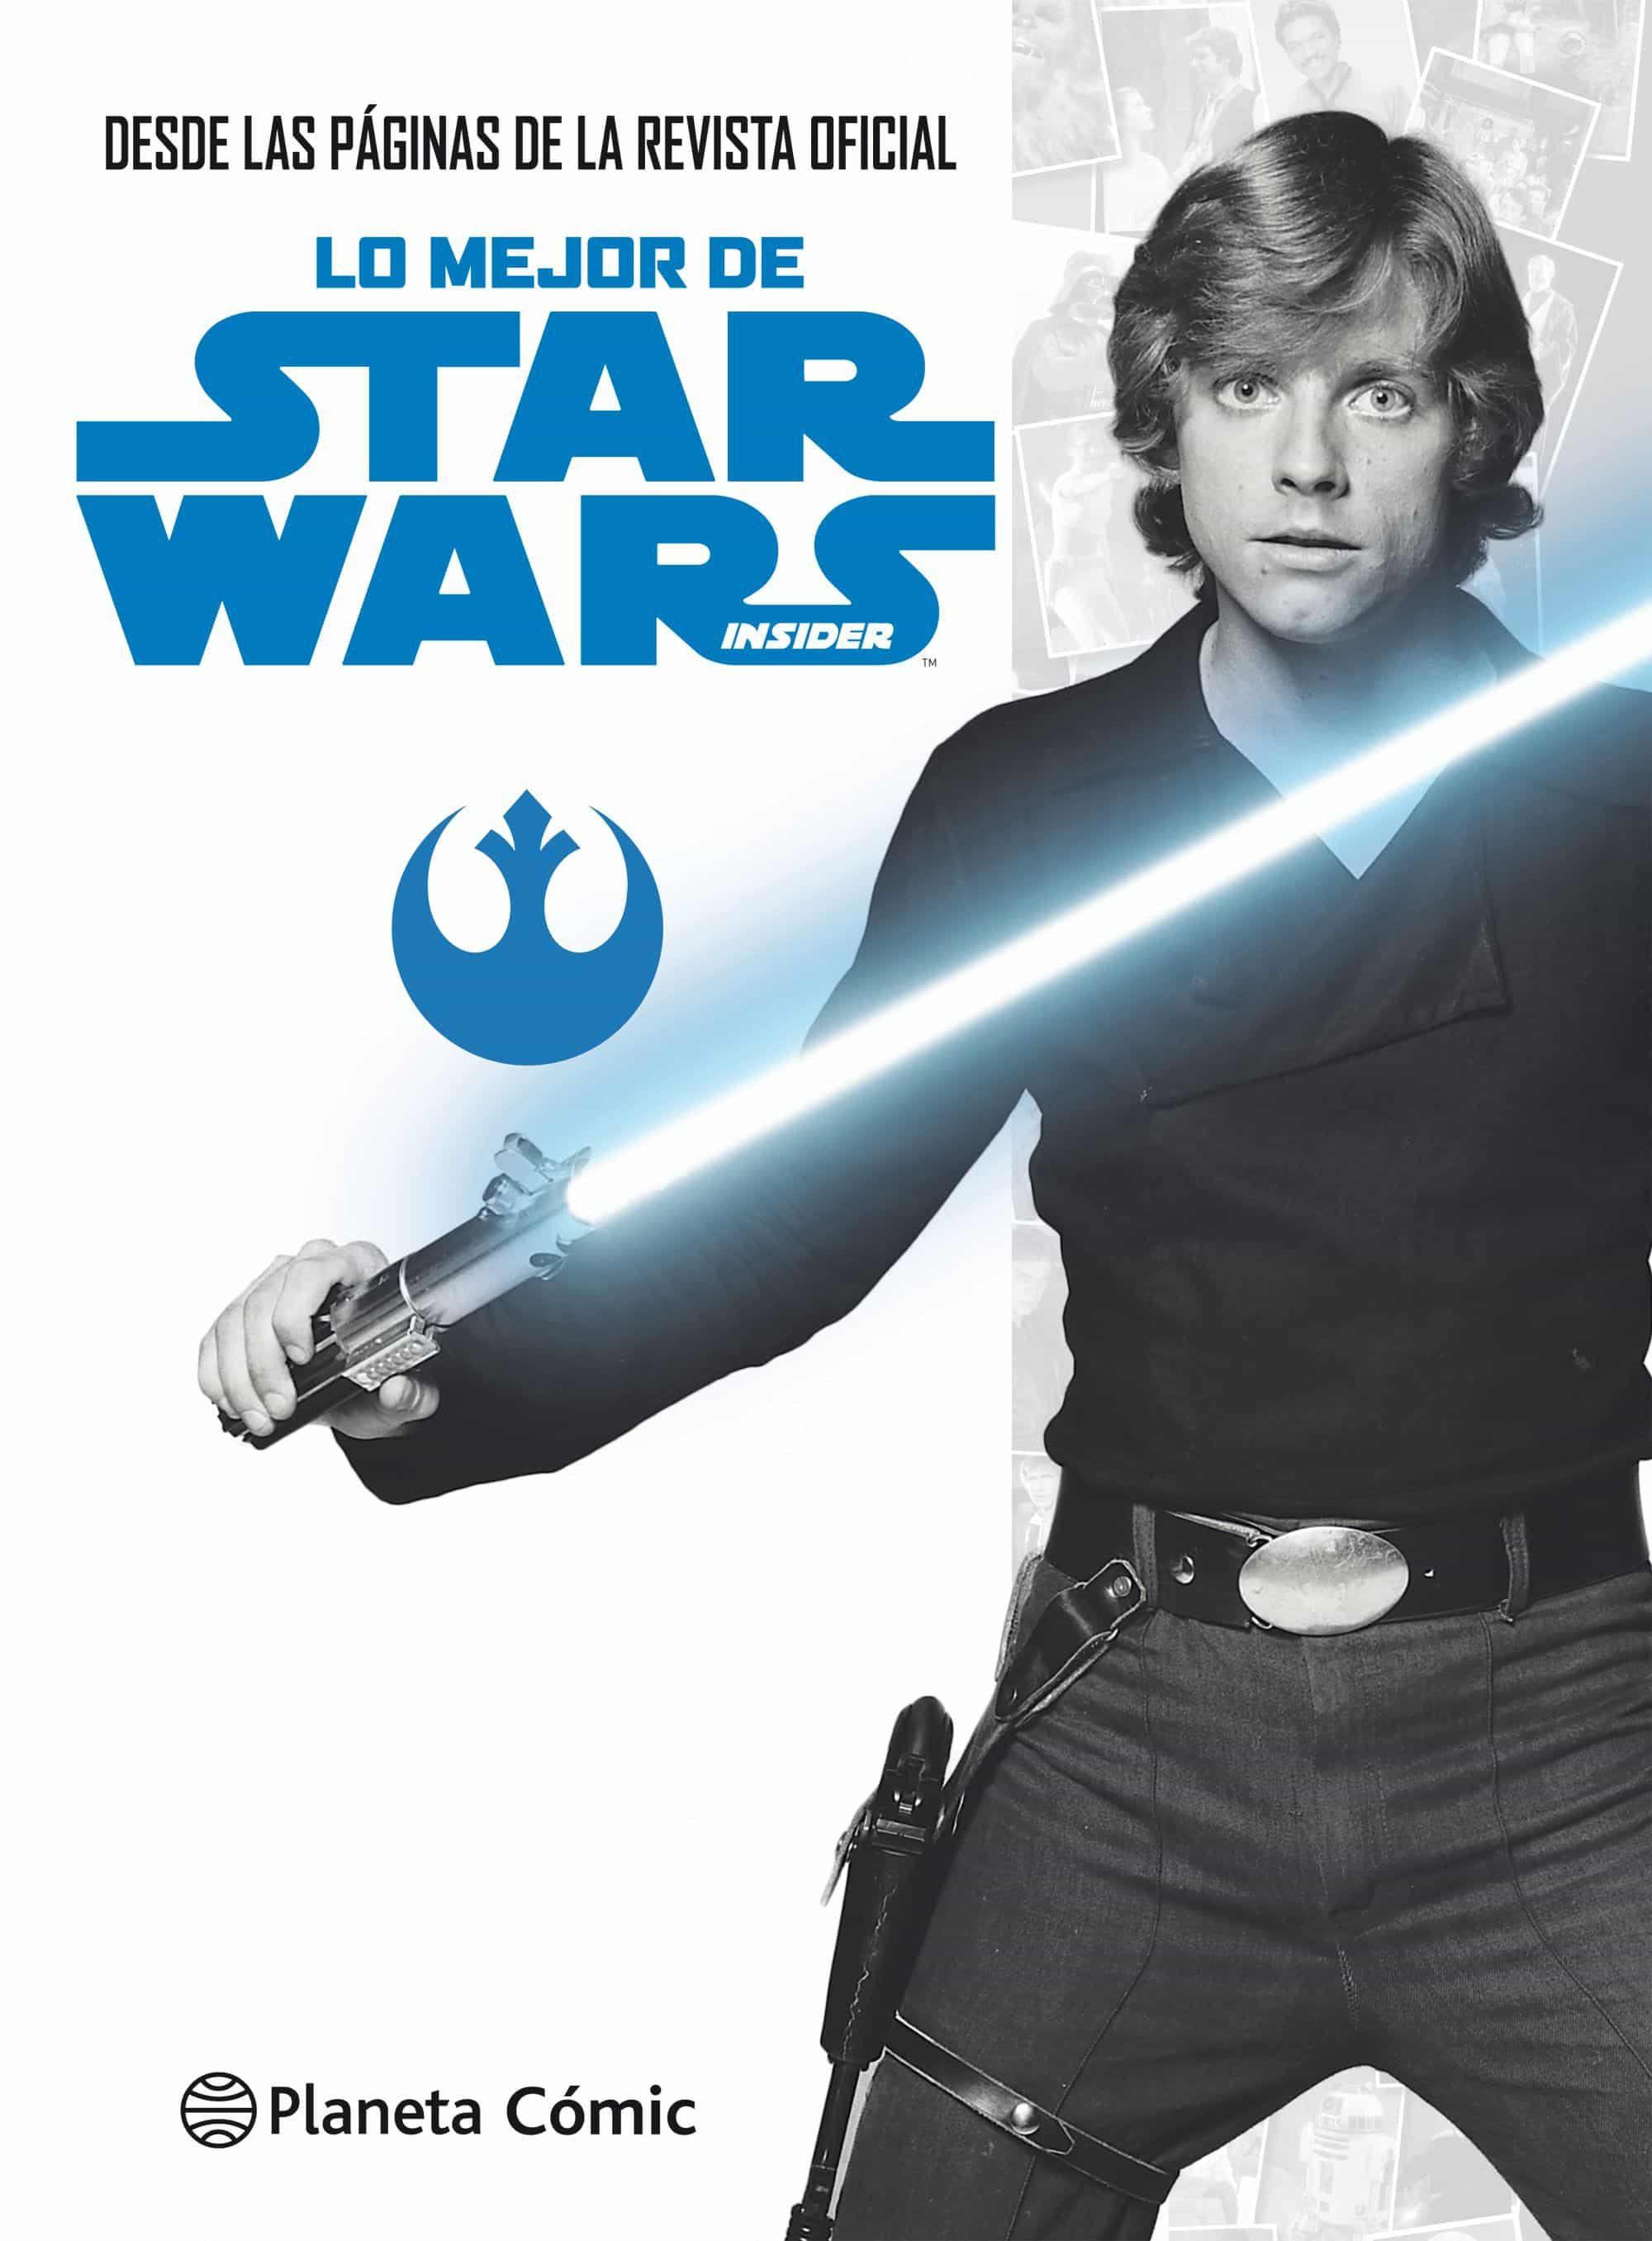 Lo Mejor De Star Wars Insider por Vv.aa.